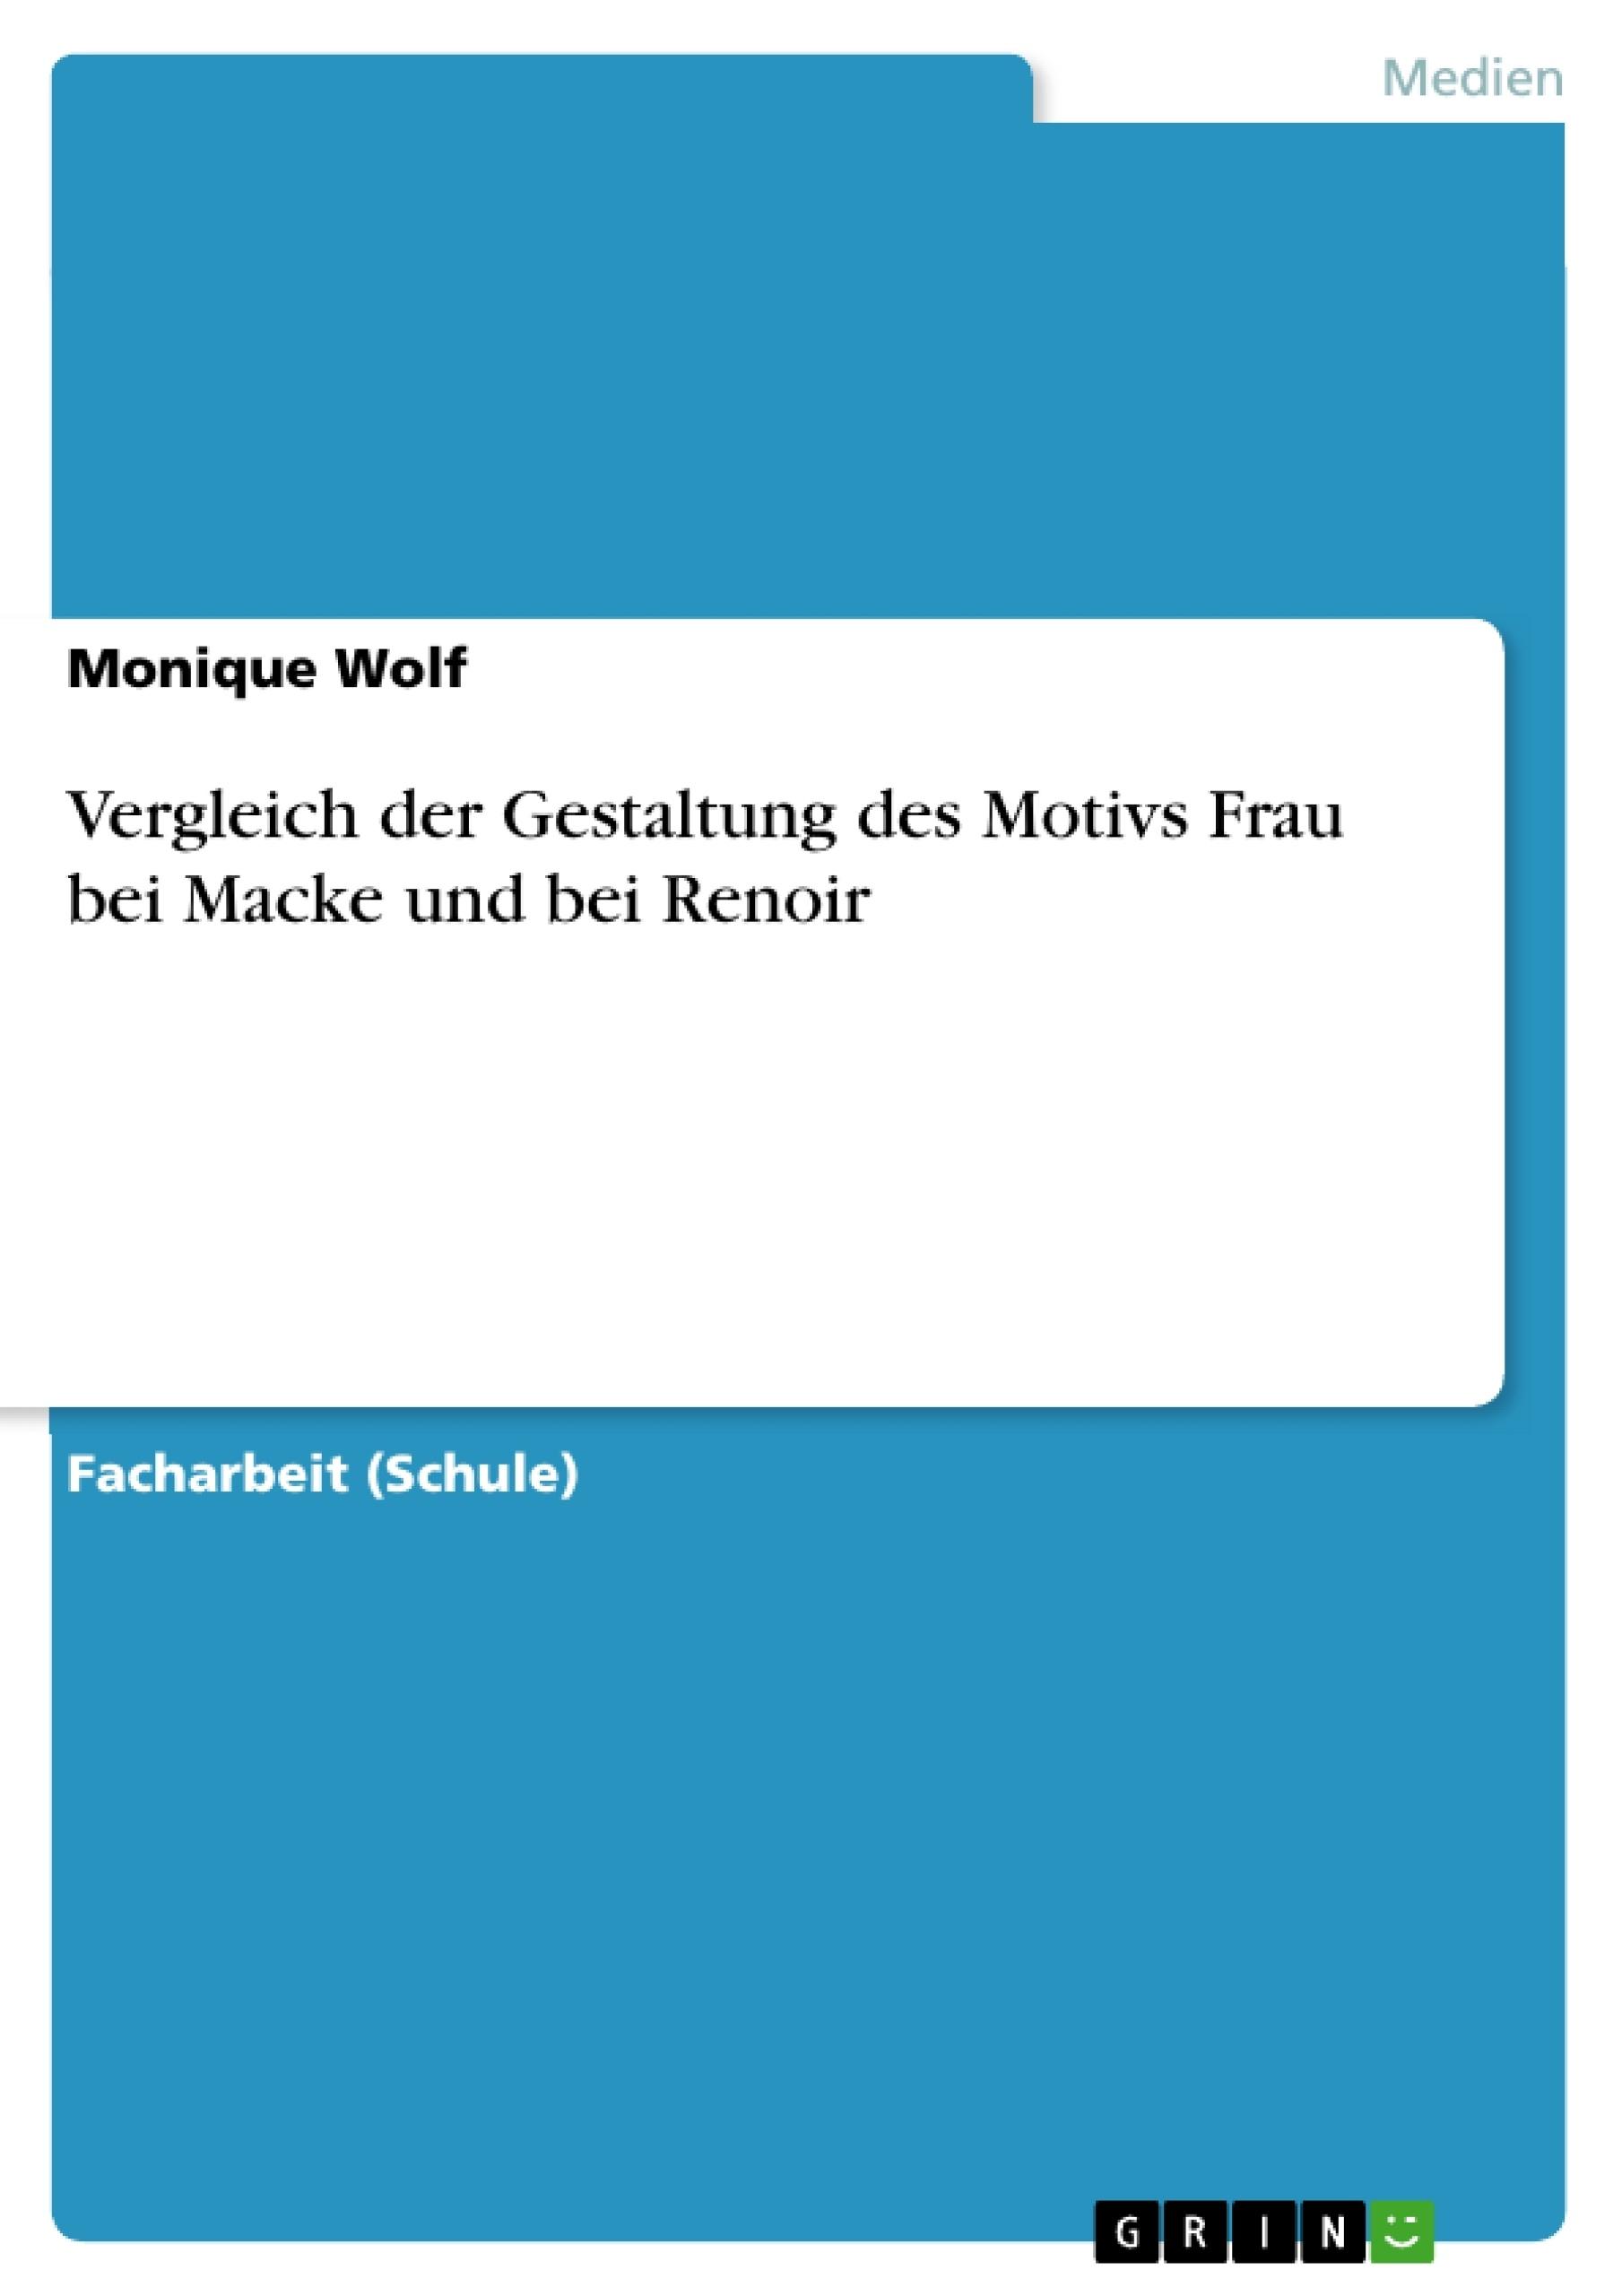 Titel: Vergleich der Gestaltung des Motivs Frau bei Macke und bei Renoir